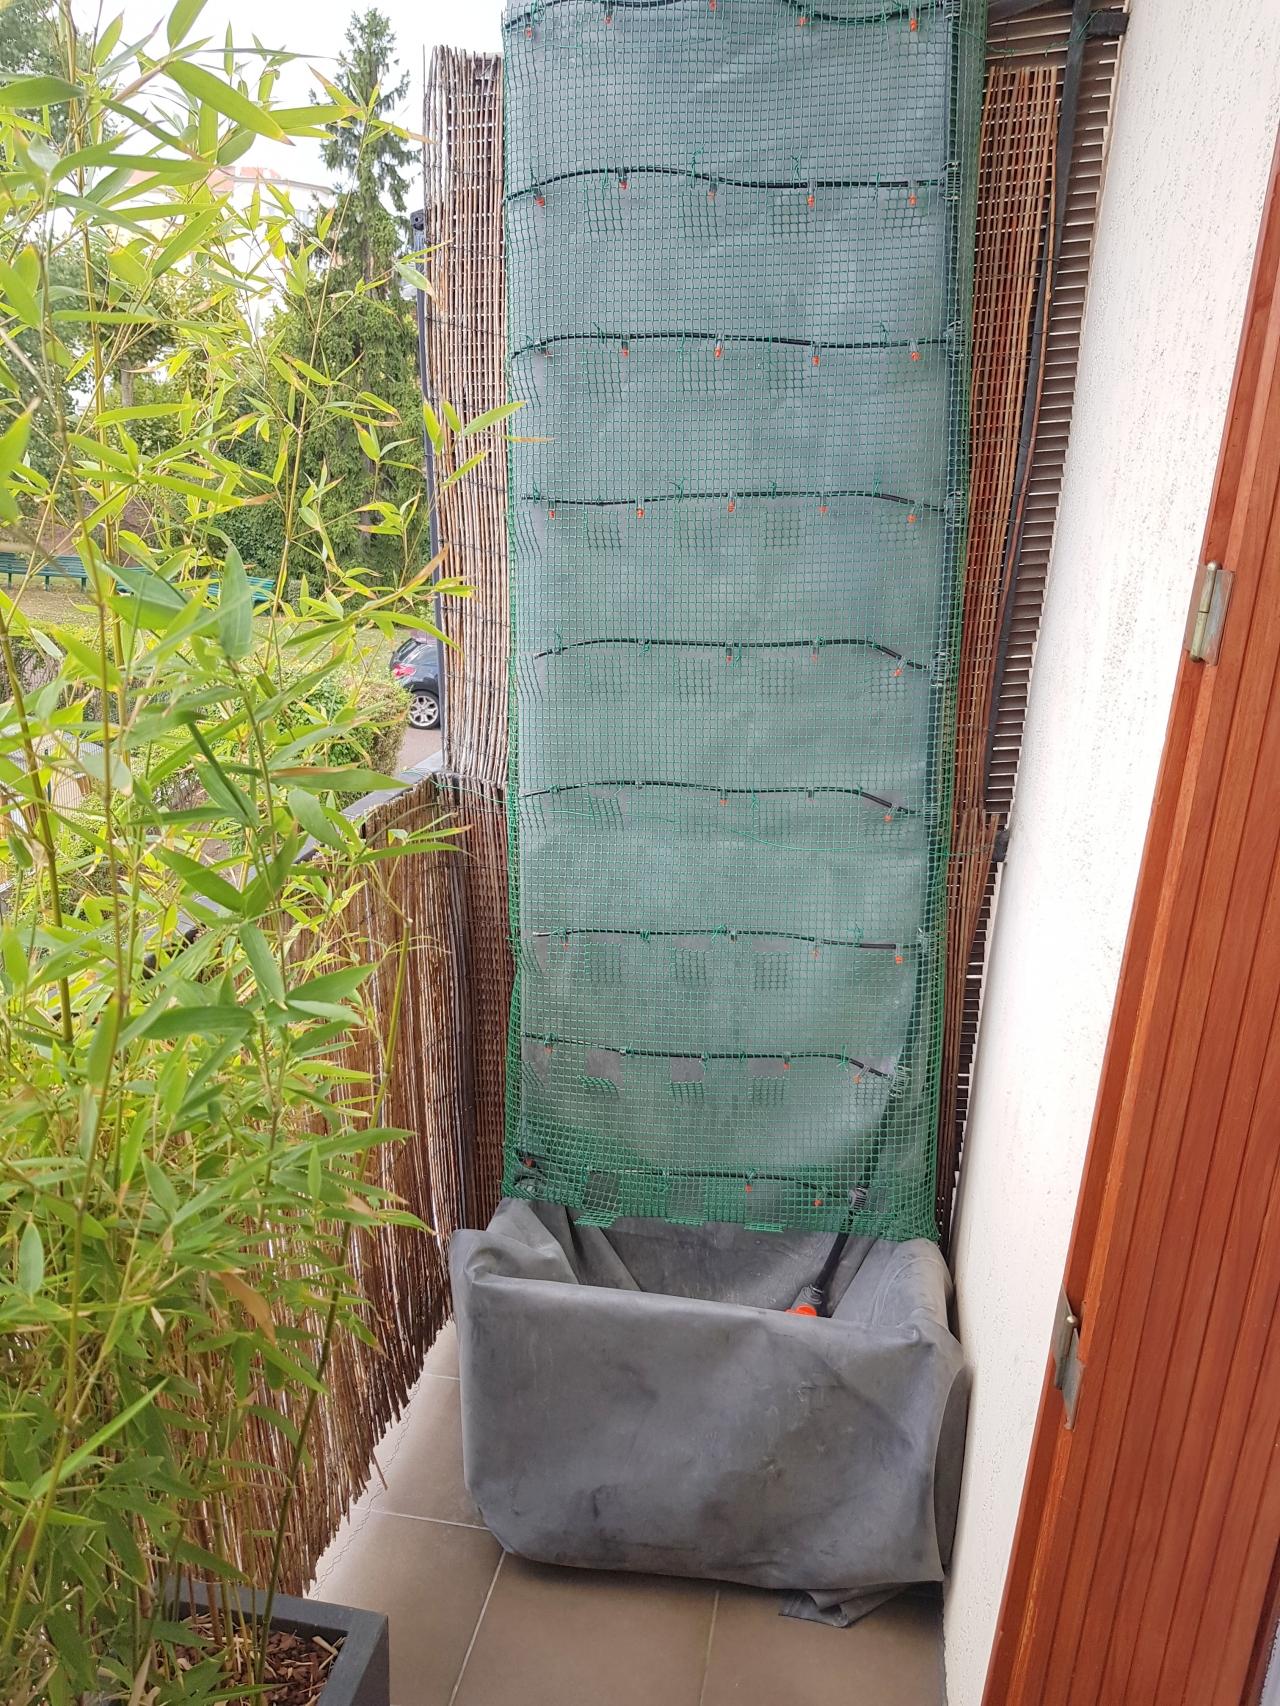 mise en place de la structure du mur v g talis ext rieur mobile sur une terrasse comment. Black Bedroom Furniture Sets. Home Design Ideas